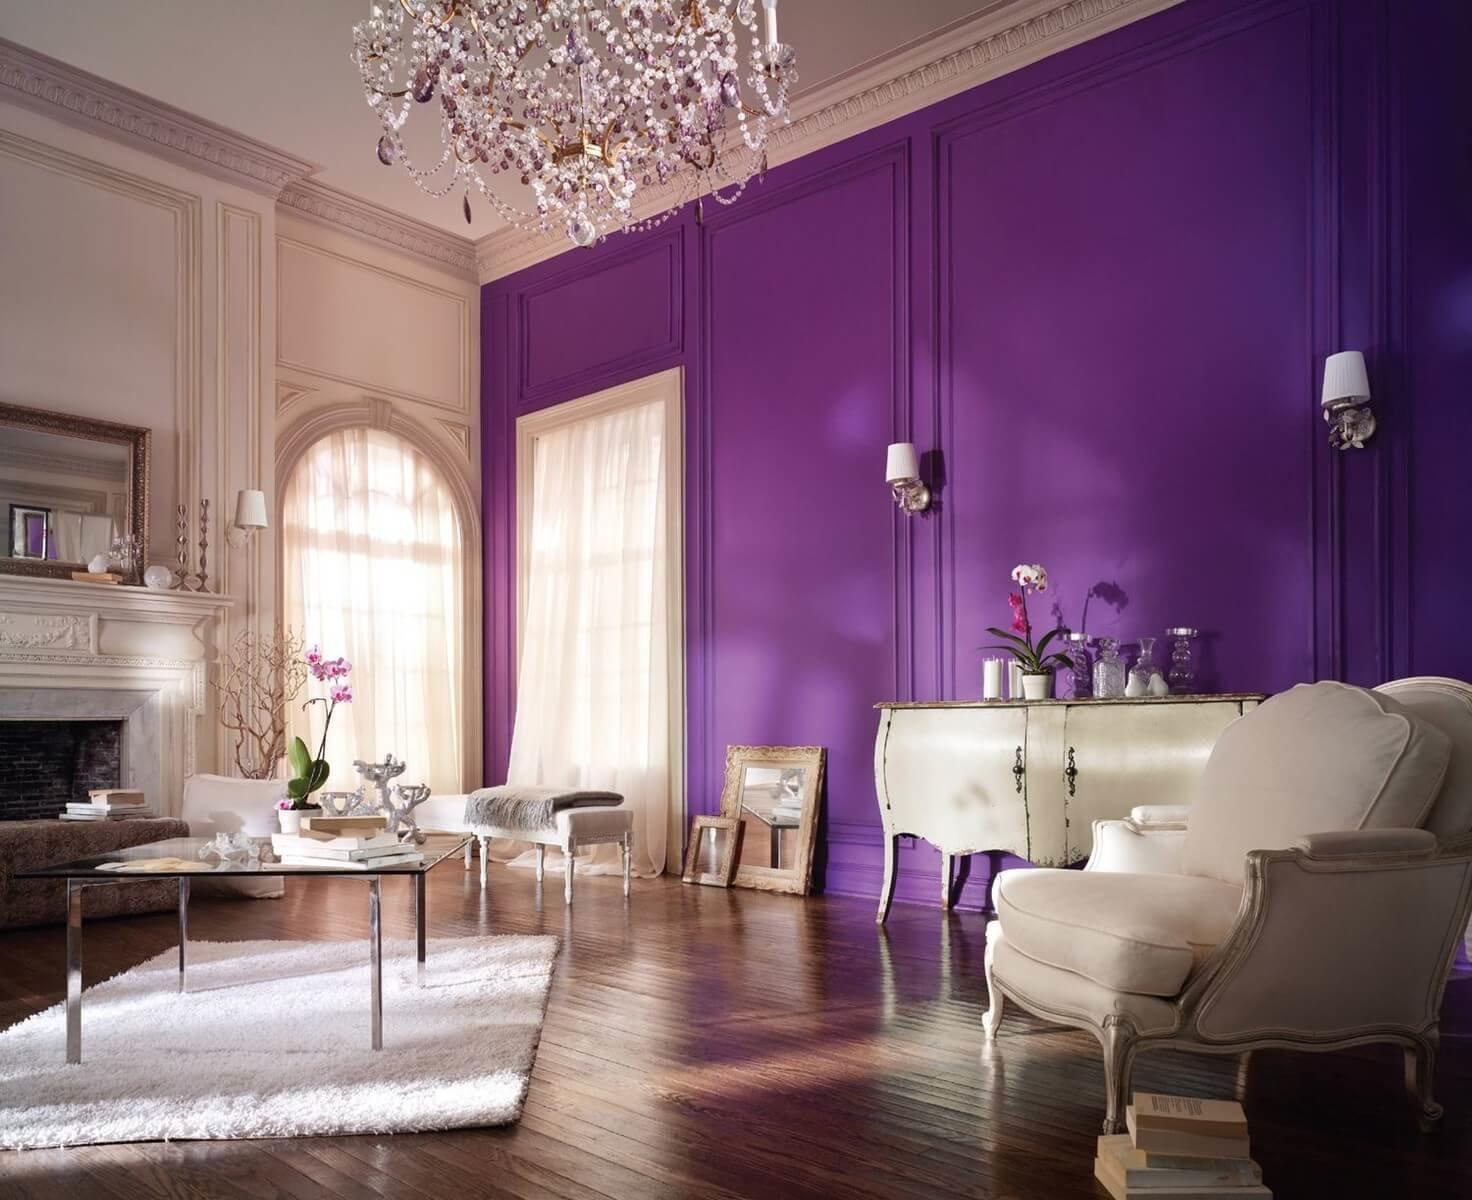 Древесина прекрасно оттеняет и смягчает дерзость Ultra Violet, создавая гармоничную экспрессию.